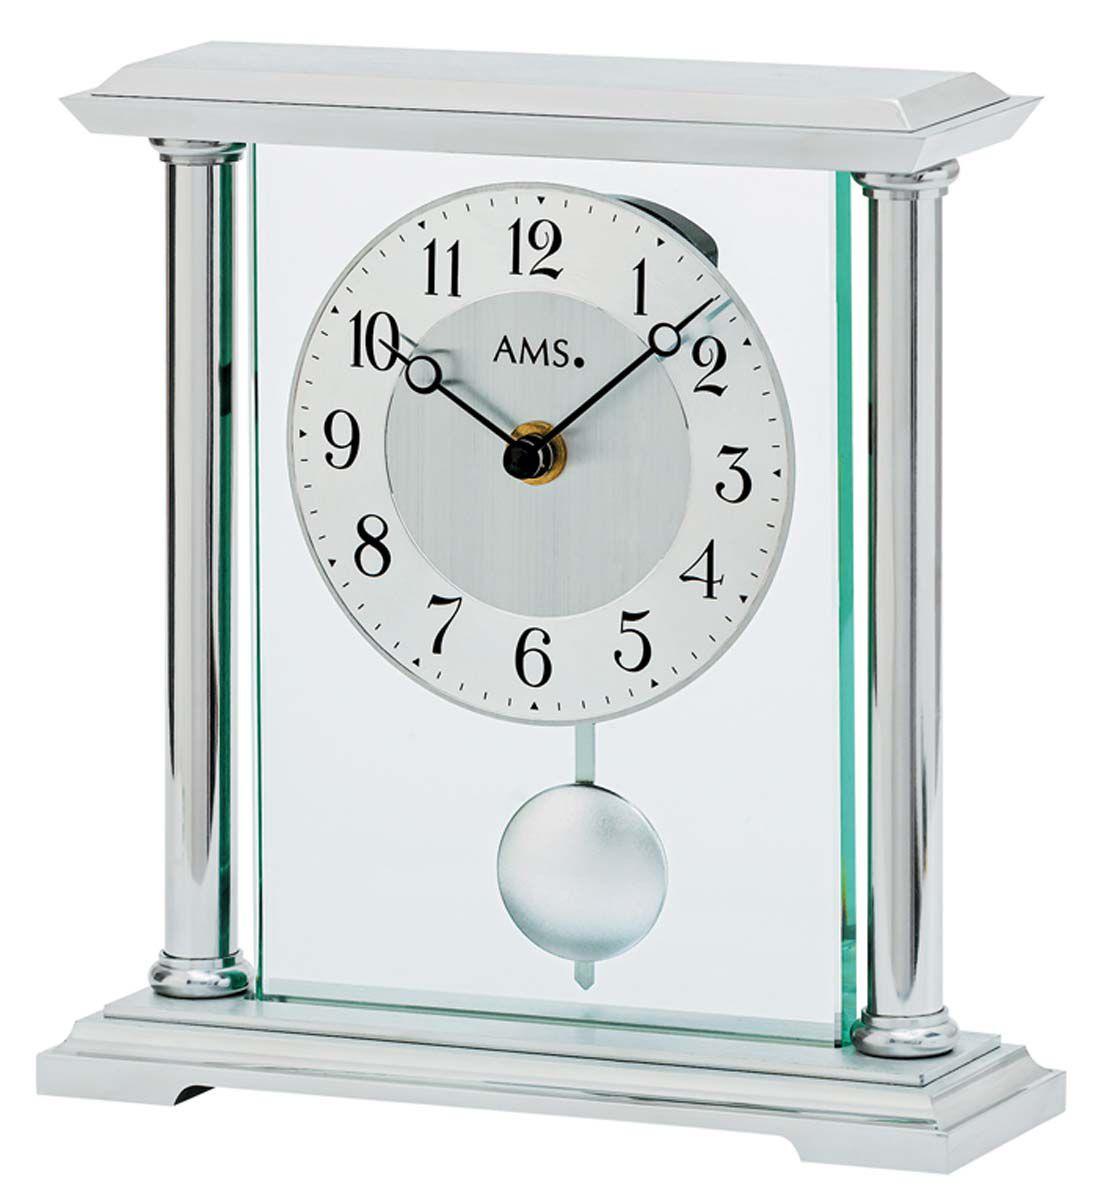 AMS stolní hodiny německé výroby